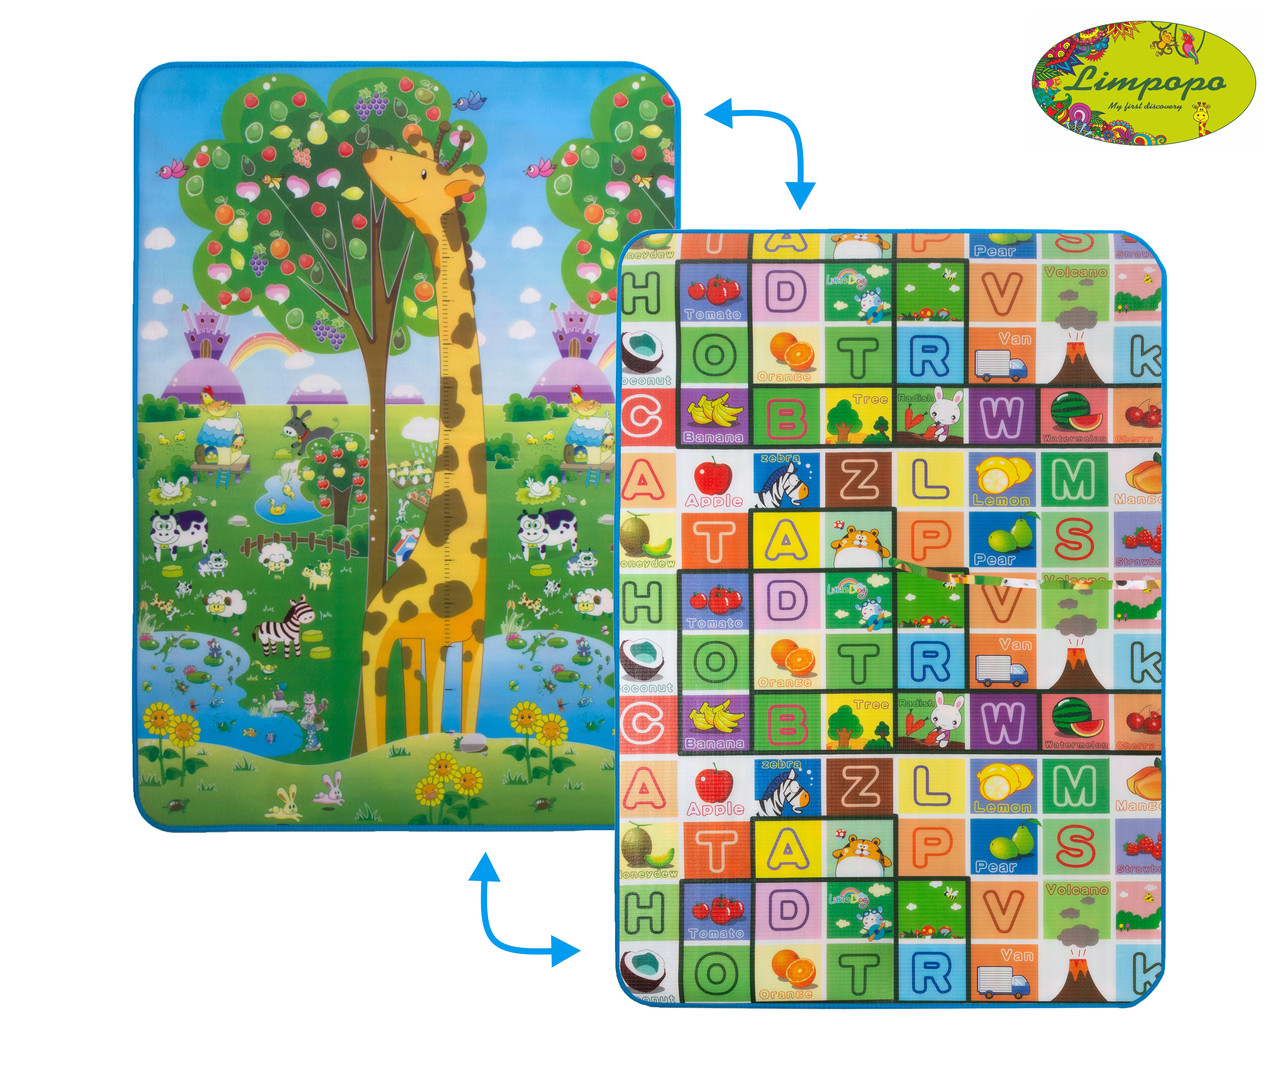 """Детский двусторонний коврик Limpopo """"Большая жирафа и Красочная азбука"""", 120х180 см, арт LP012-120"""